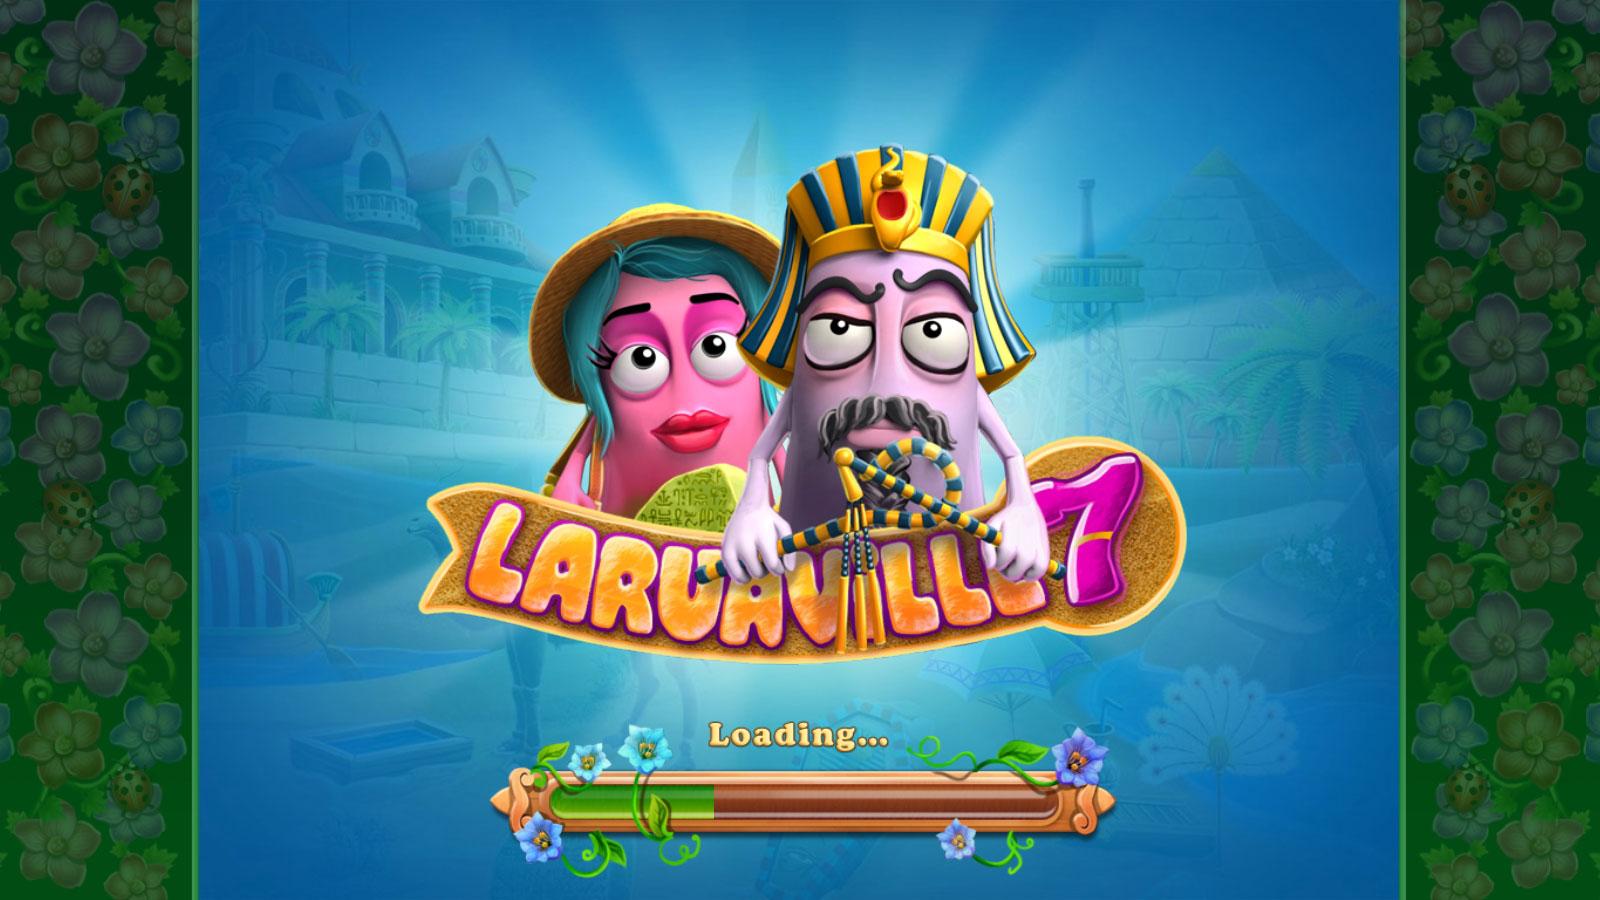 Laruaville 7 Free Download Full Version